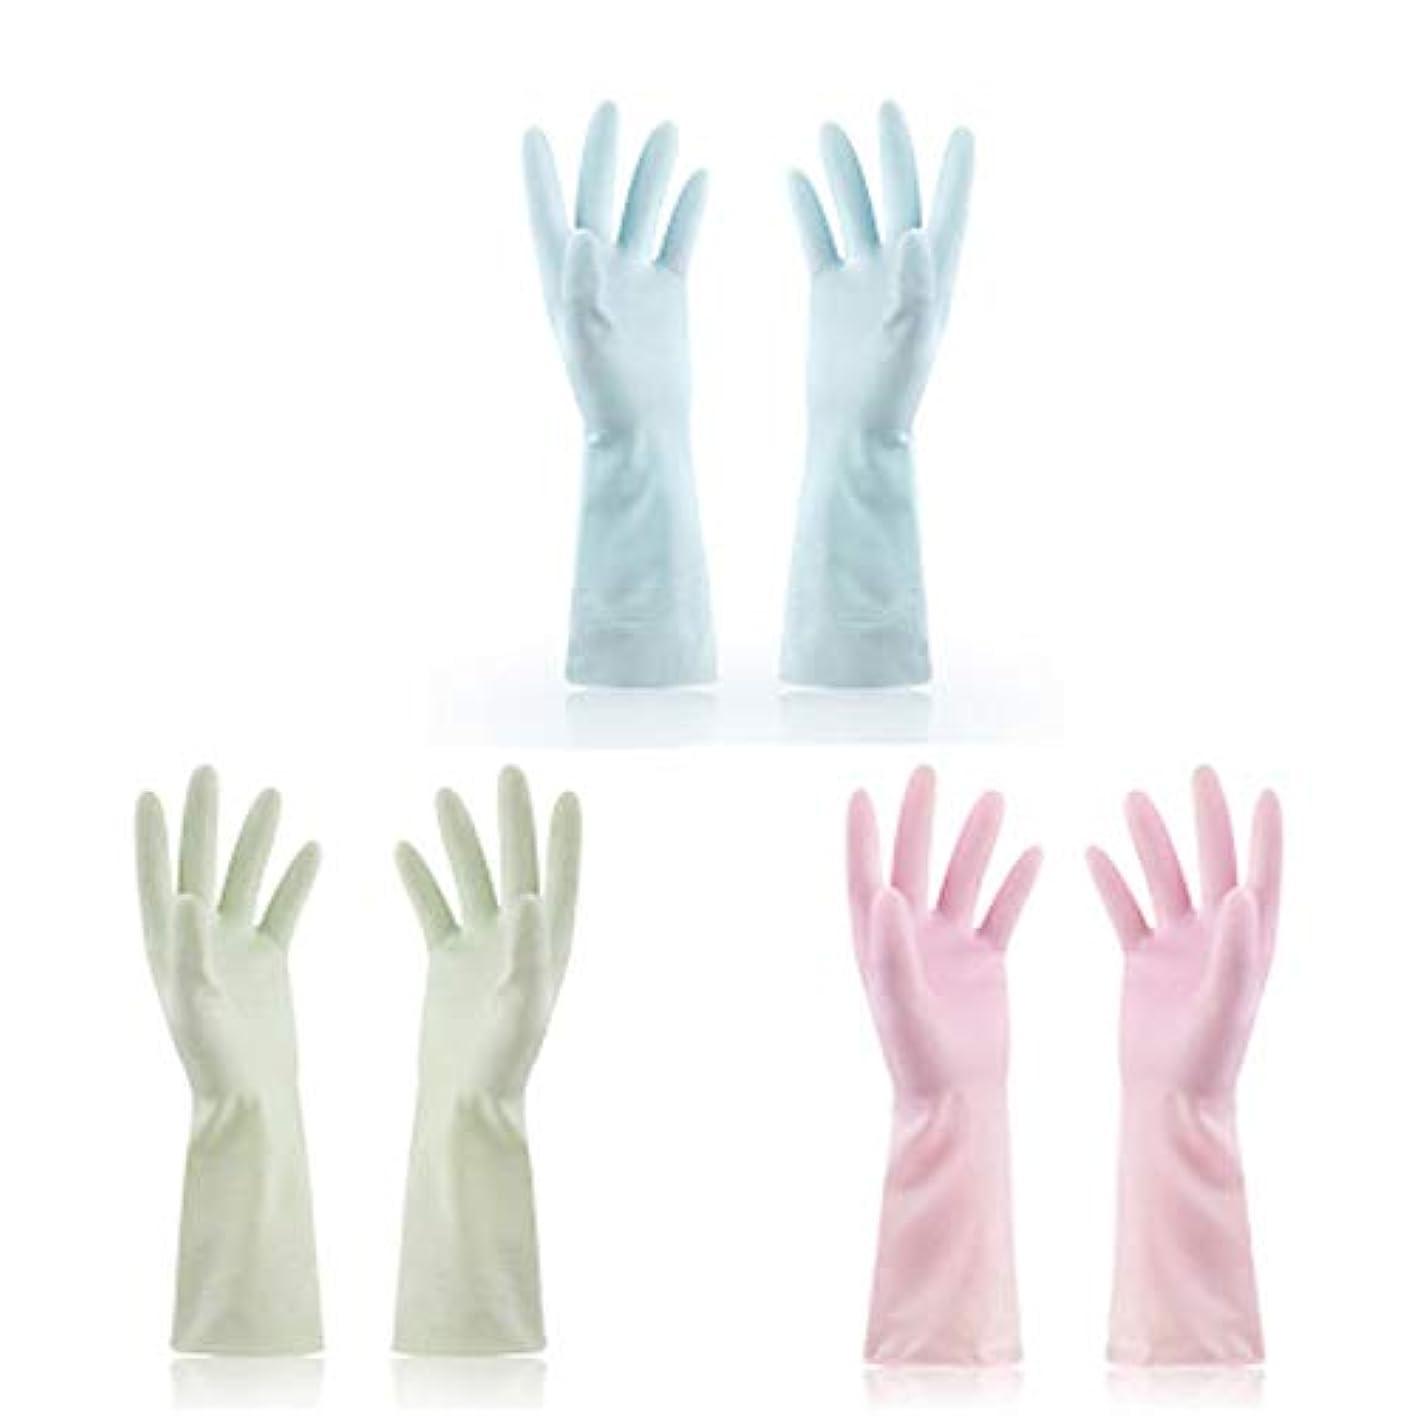 二年生グレー不倫使い捨て手袋 使い捨て手袋防水ラテックス焦げ付き防止ゴム製ゴム製台所手袋、3組 ニトリルゴム手袋 (Color : Multi-colored, Size : M)